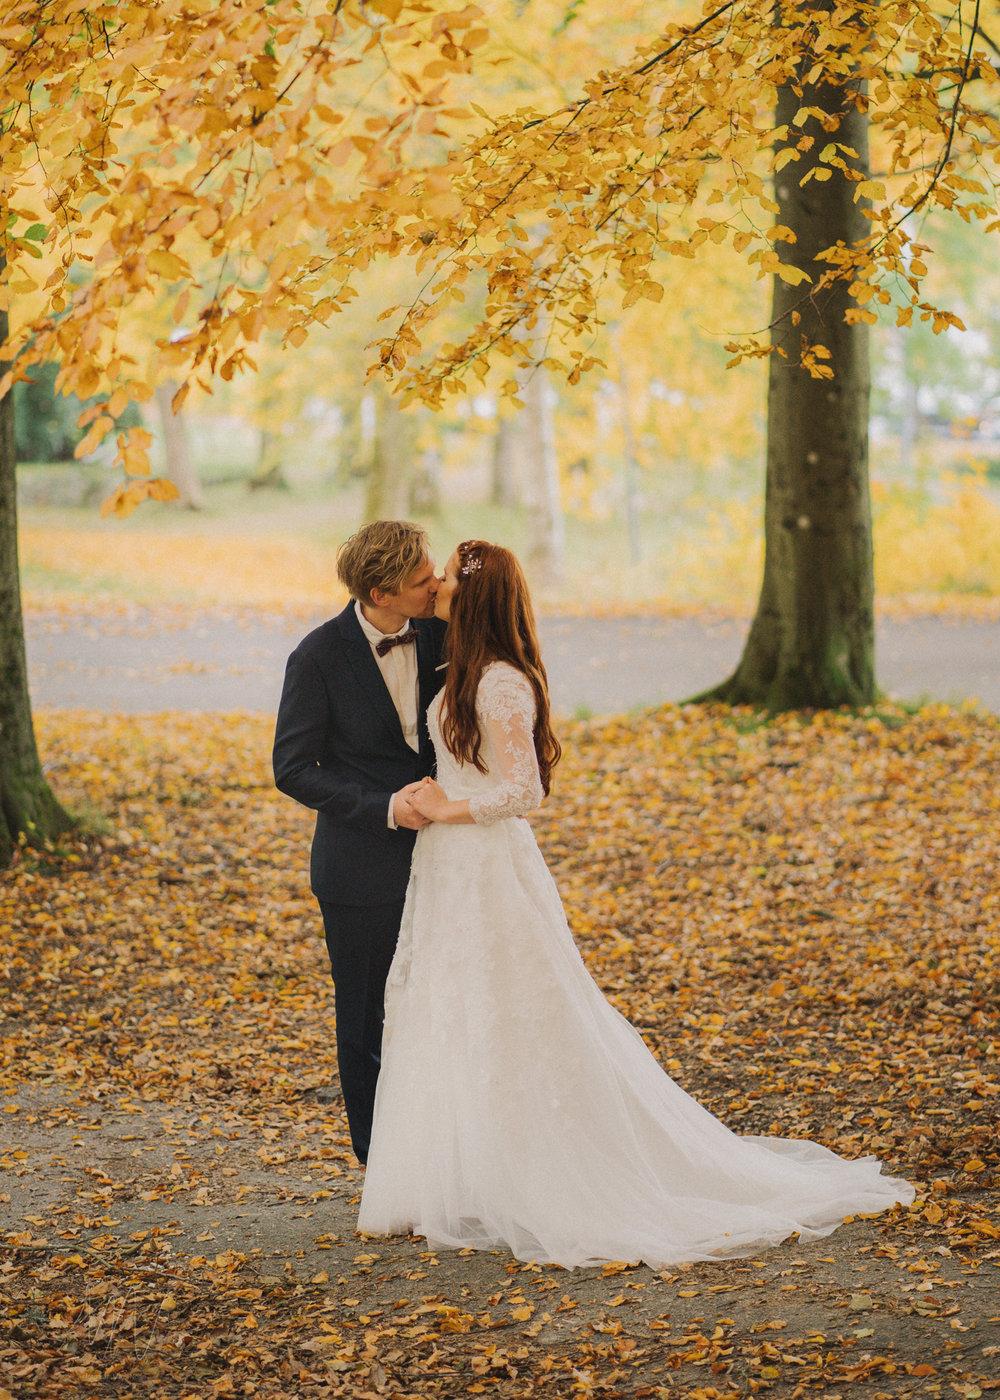 Bröllopsfoto-13okt-fotograf-max-norin-410.jpg